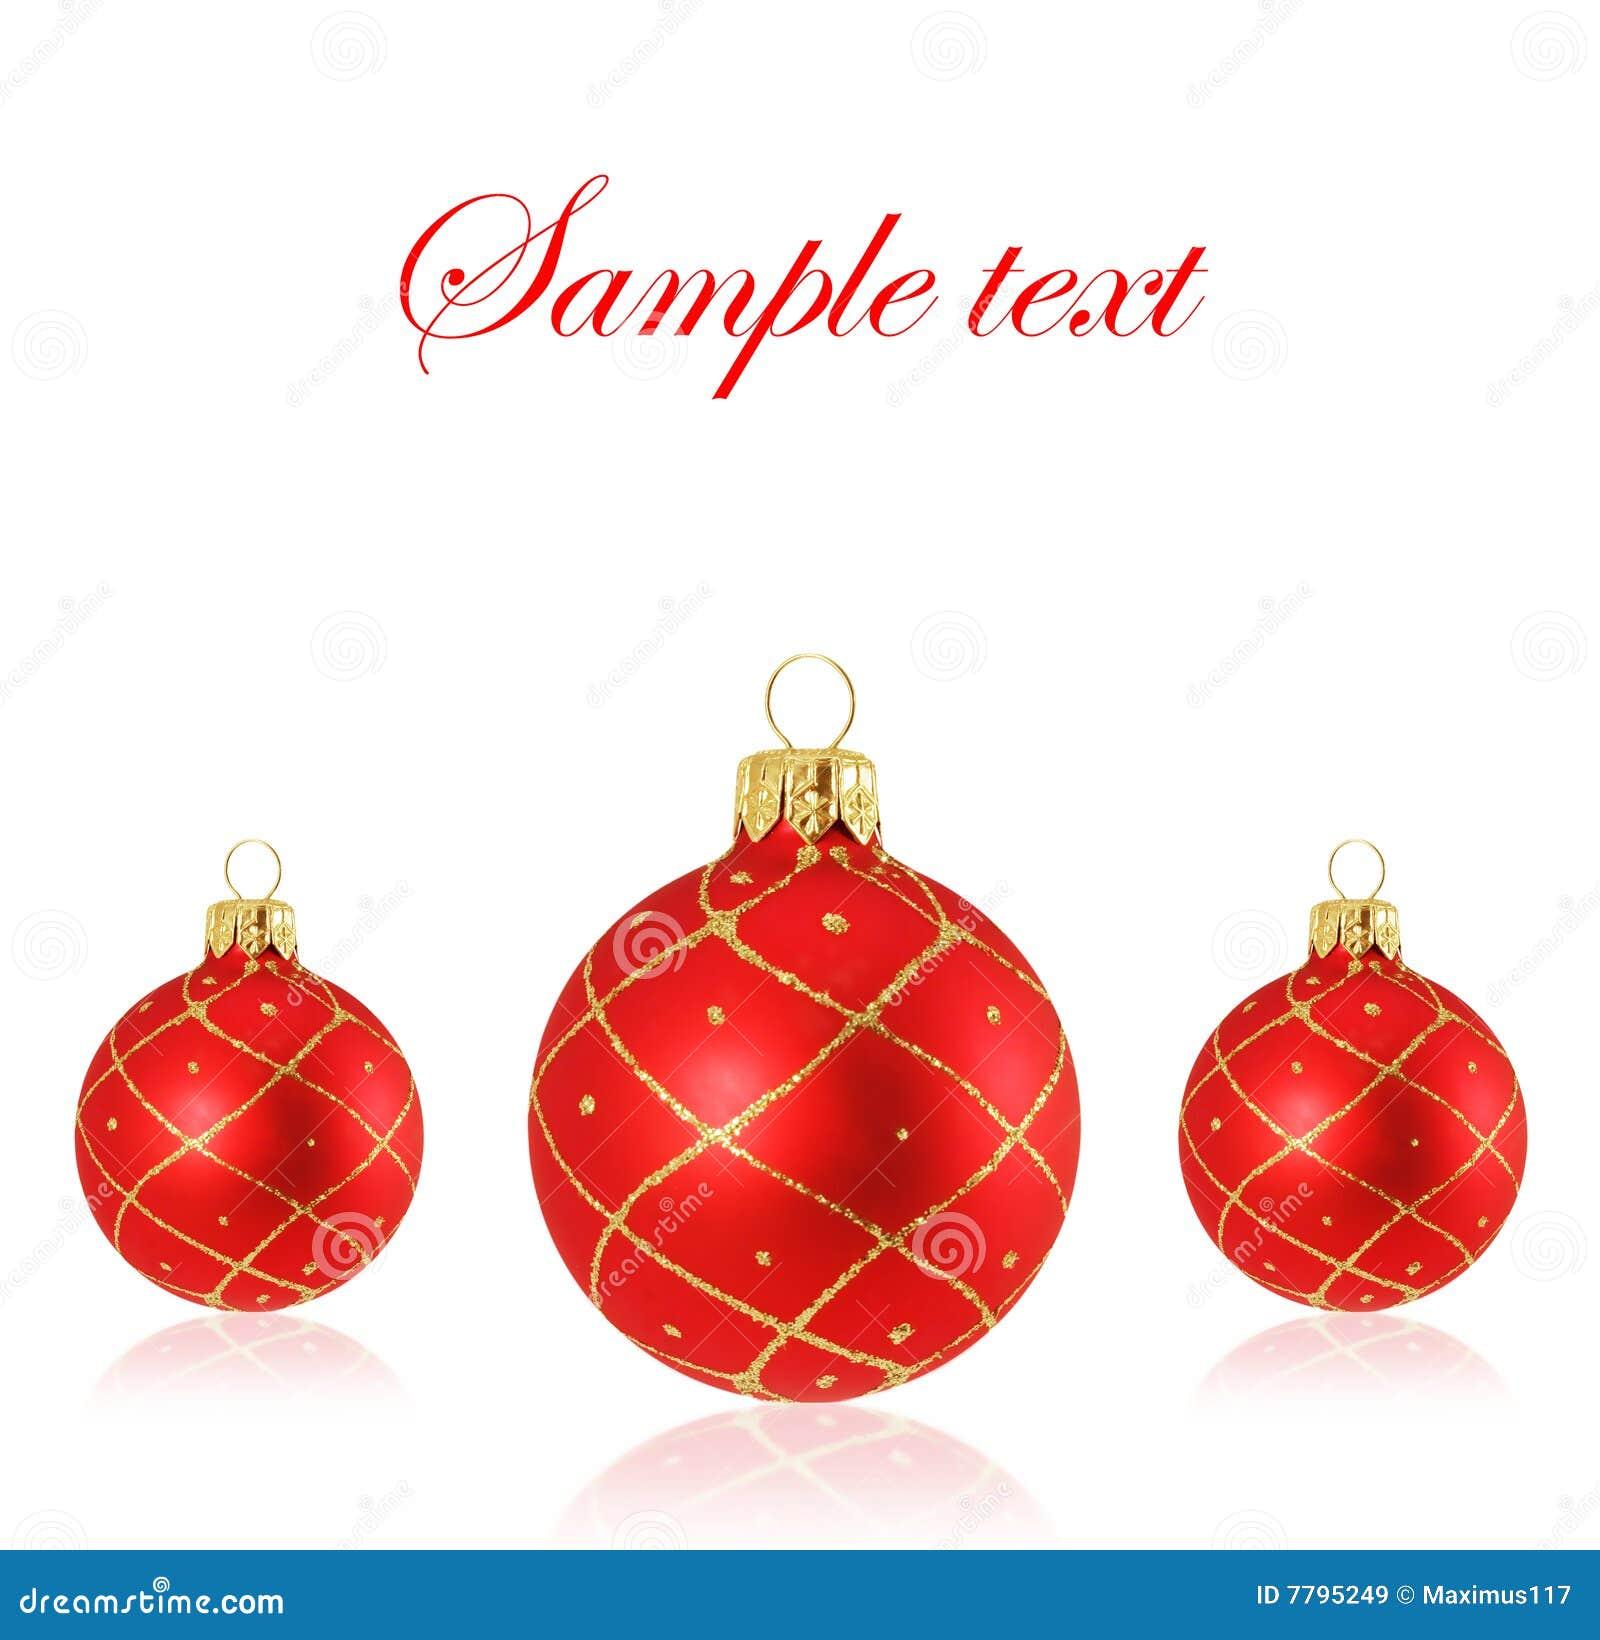 Bolas de navidad im genes de archivo libres de regal as imagen 7795249 - Fotos de bolas de navidad ...